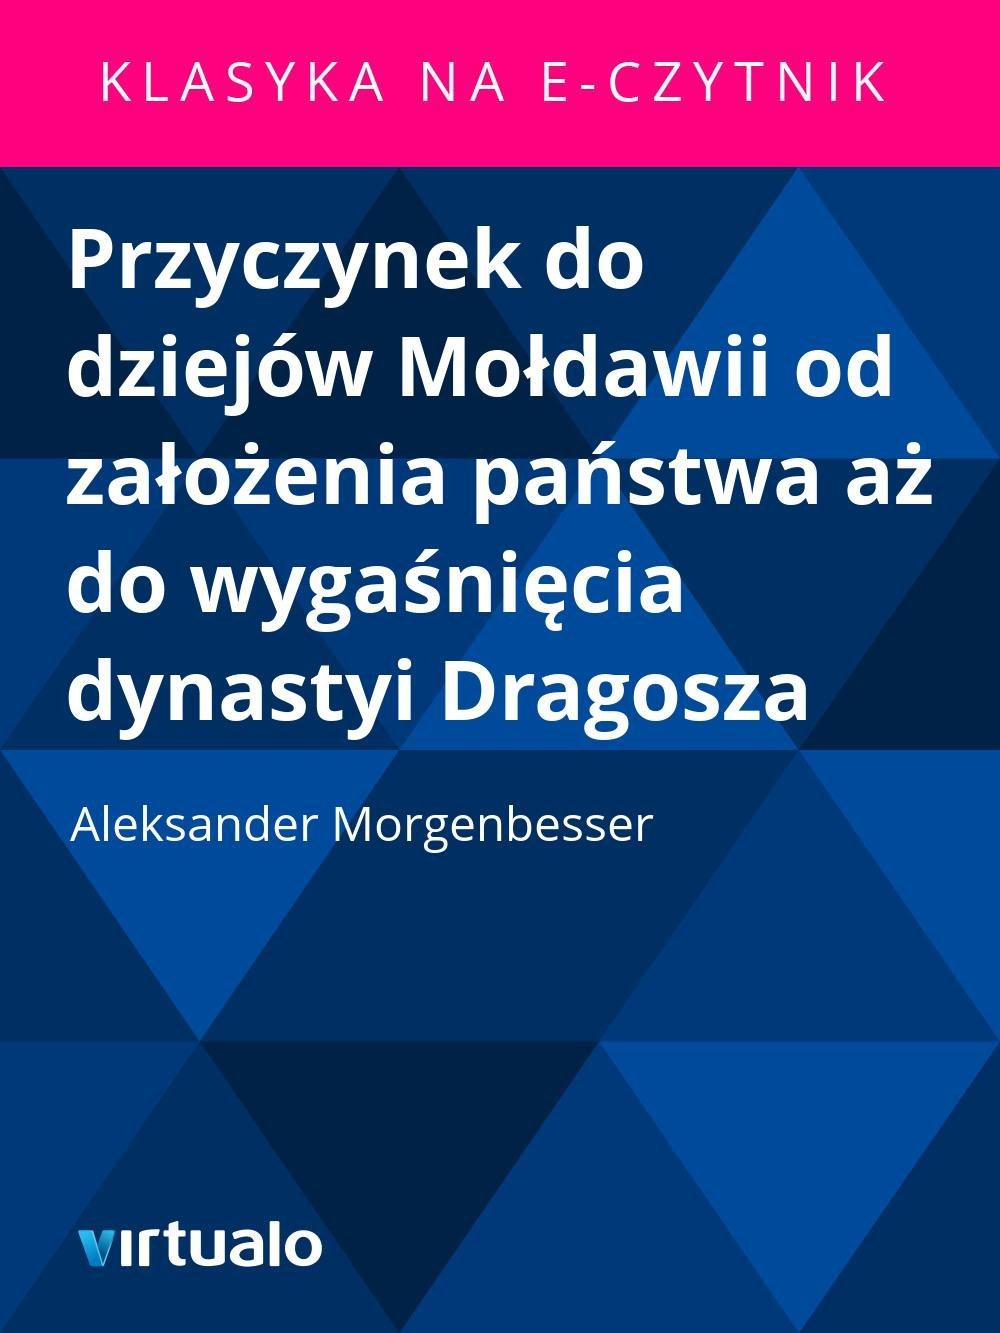 Przyczynek do dziejów Mołdawii od założenia państwa aż do wygaśnięcia dynastyi Dragosza - Ebook (Książka EPUB) do pobrania w formacie EPUB